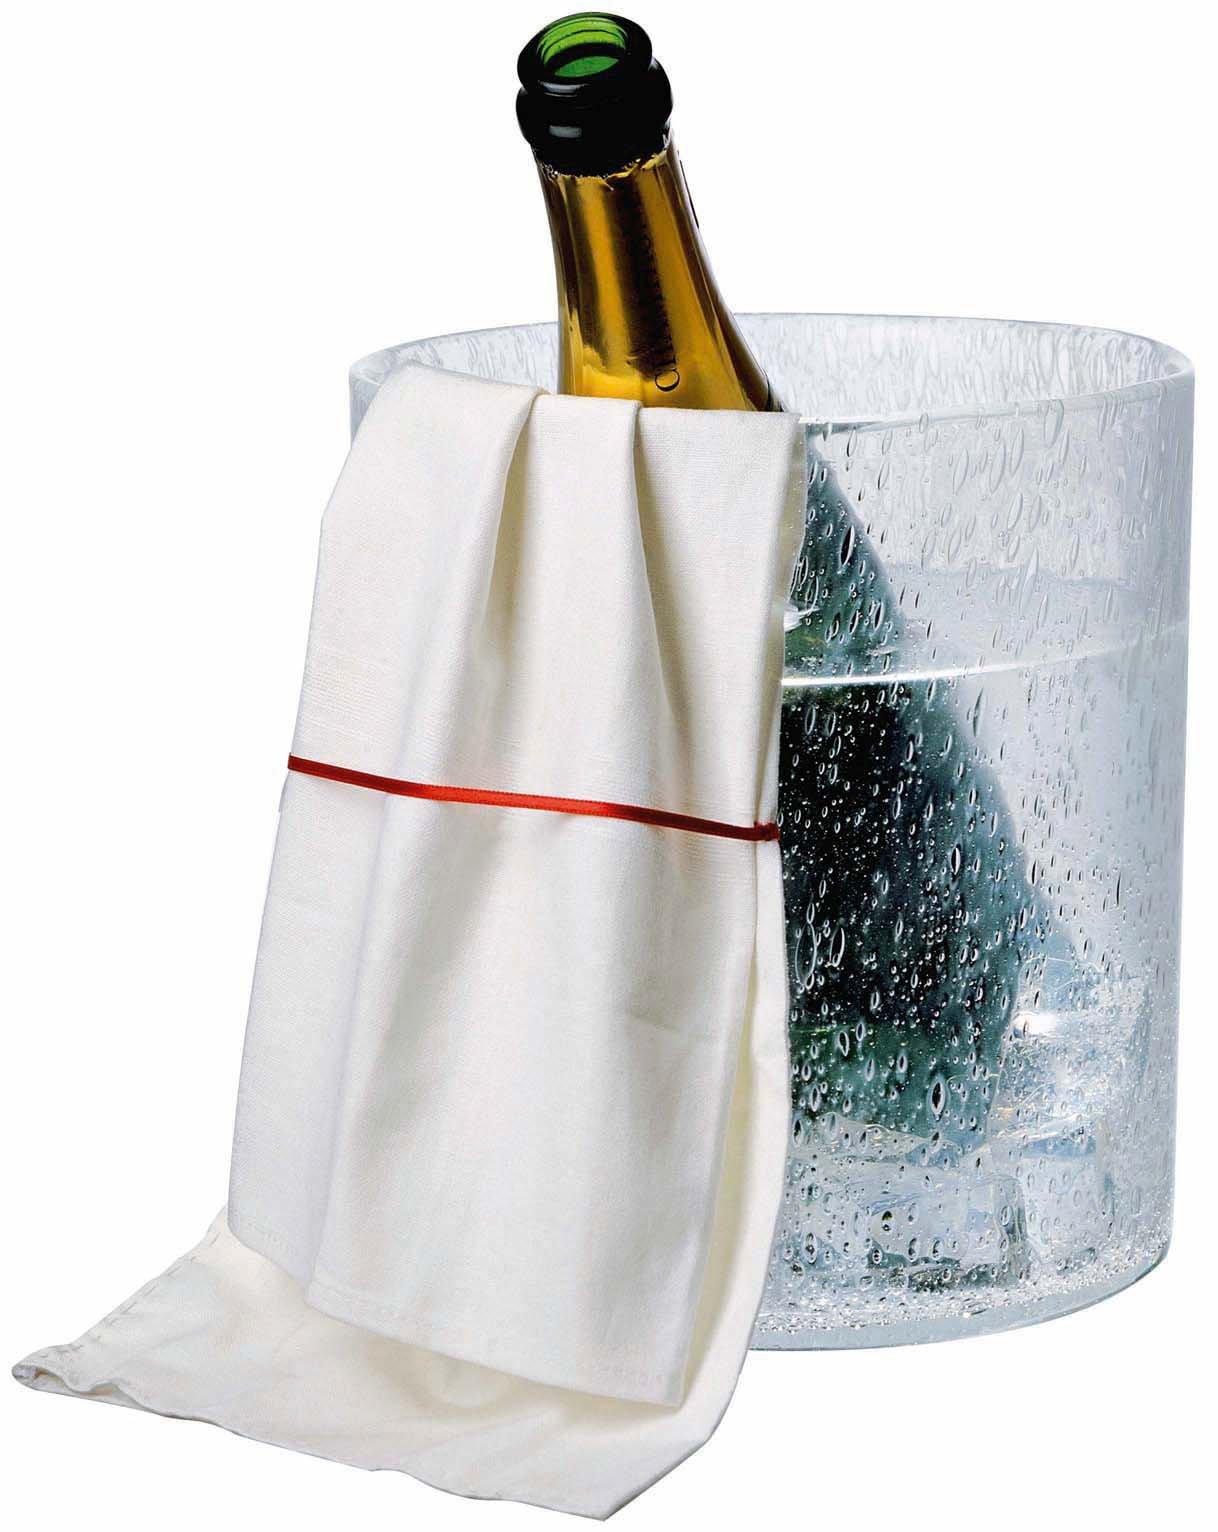 L'Atelier du Vin Bubbles Champagne Bucket